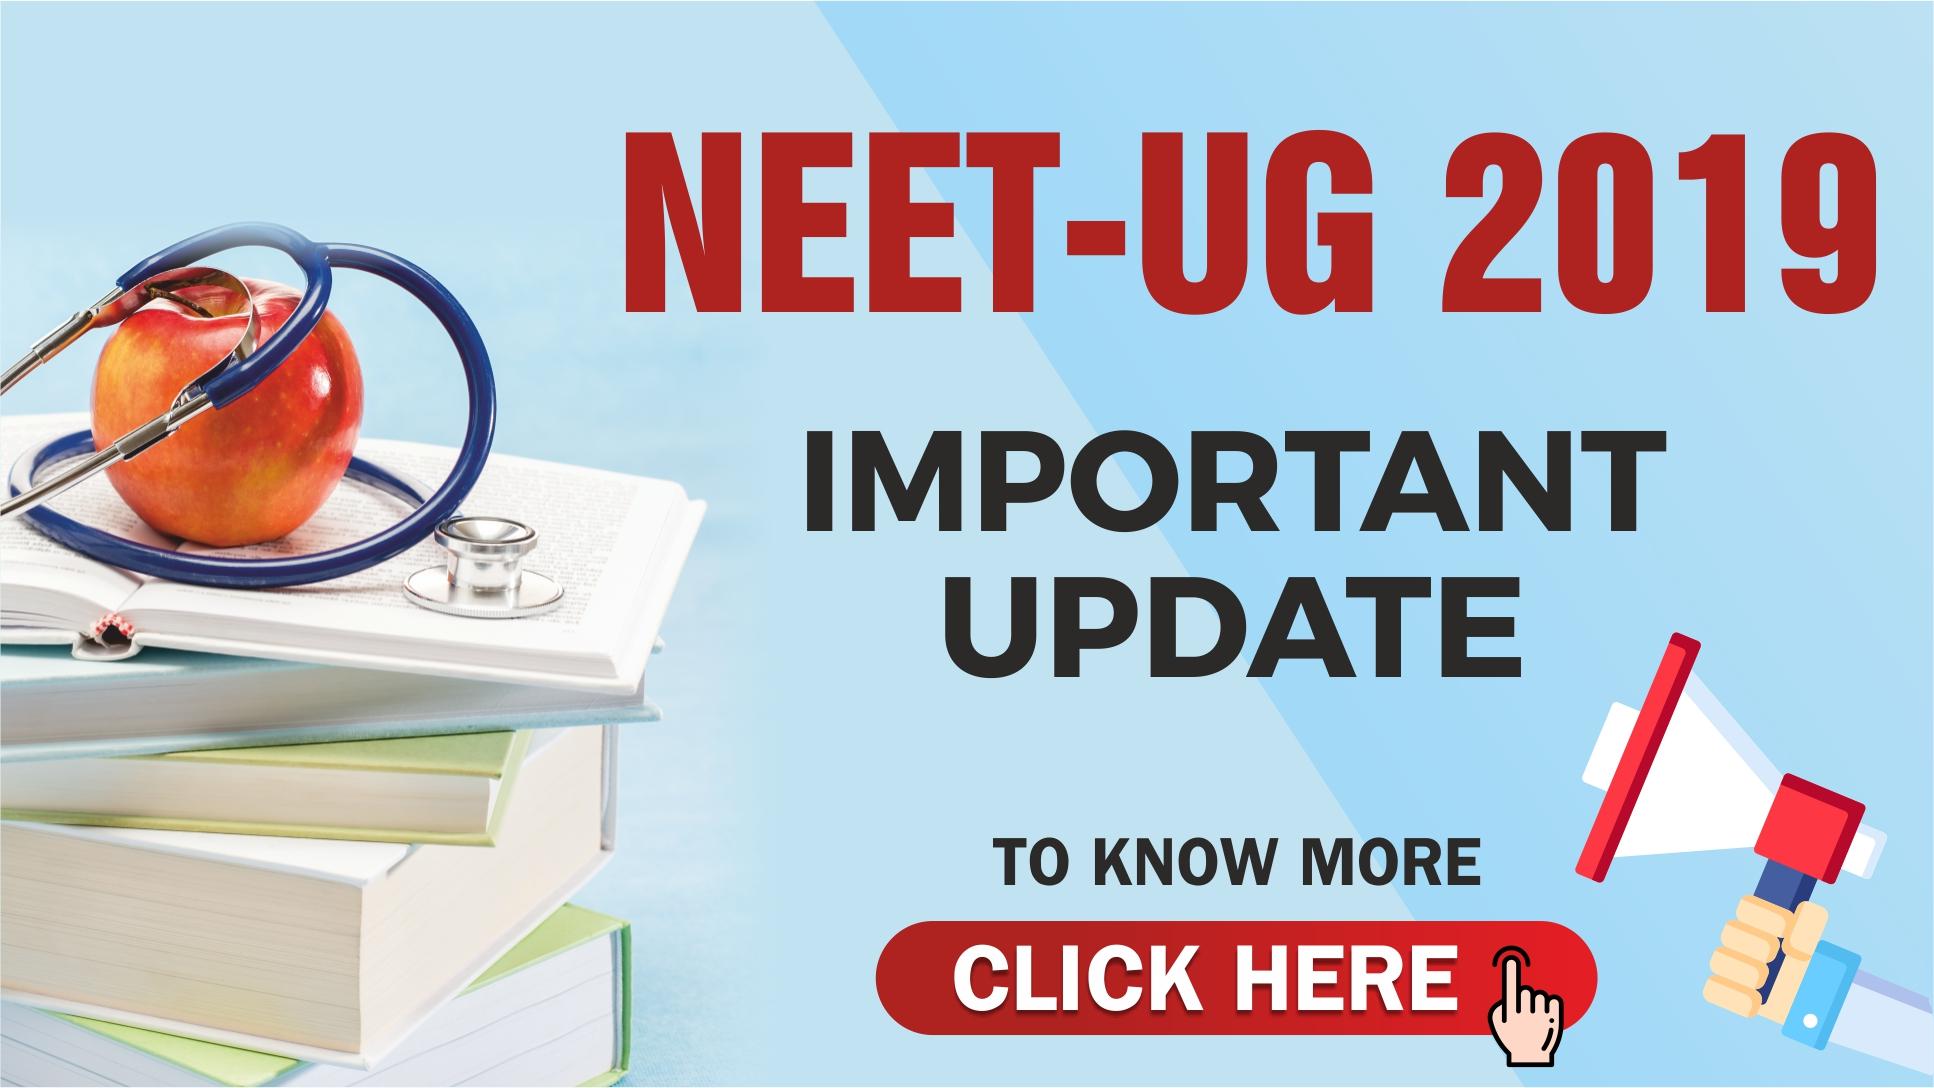 NEET UG 2019 IMPORTANT UPDATE